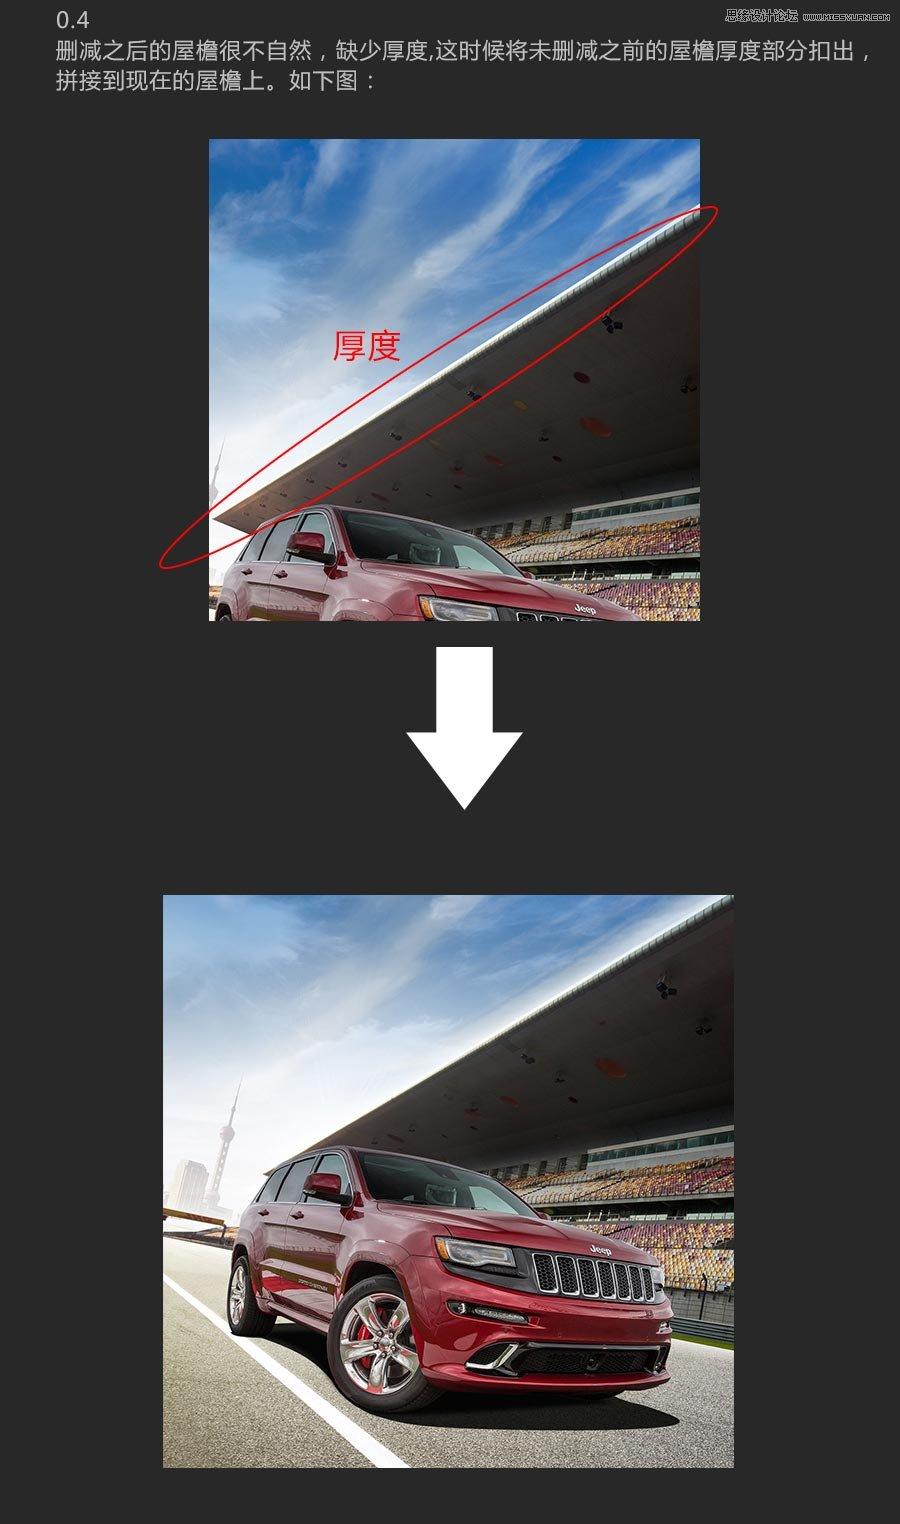 海报设计是视觉传达的表现形式之一,通过版面的构成第一时间内将人们的目光吸引,并获得瞬间的刺激这要求设计者要将图片,文字,色彩,空间等要素进行完美的结合,以恰当的形式向人们展示出宣传信息,下面就一起来合成汽车的海报吧。 本教程主要使用Photoshop合成时尚创意的汽车户外海报,海报设计是视觉传达的表现形式之一,通过版面的构成第一时间内将人们的目光吸引,并获得瞬间的刺激这要求设计者要将图片,文字,色彩,空间等要素进行完美的结合,以恰当的形式向人们展示出宣传信息,下面就一起来合成汽车的海报吧。 上一页12 下